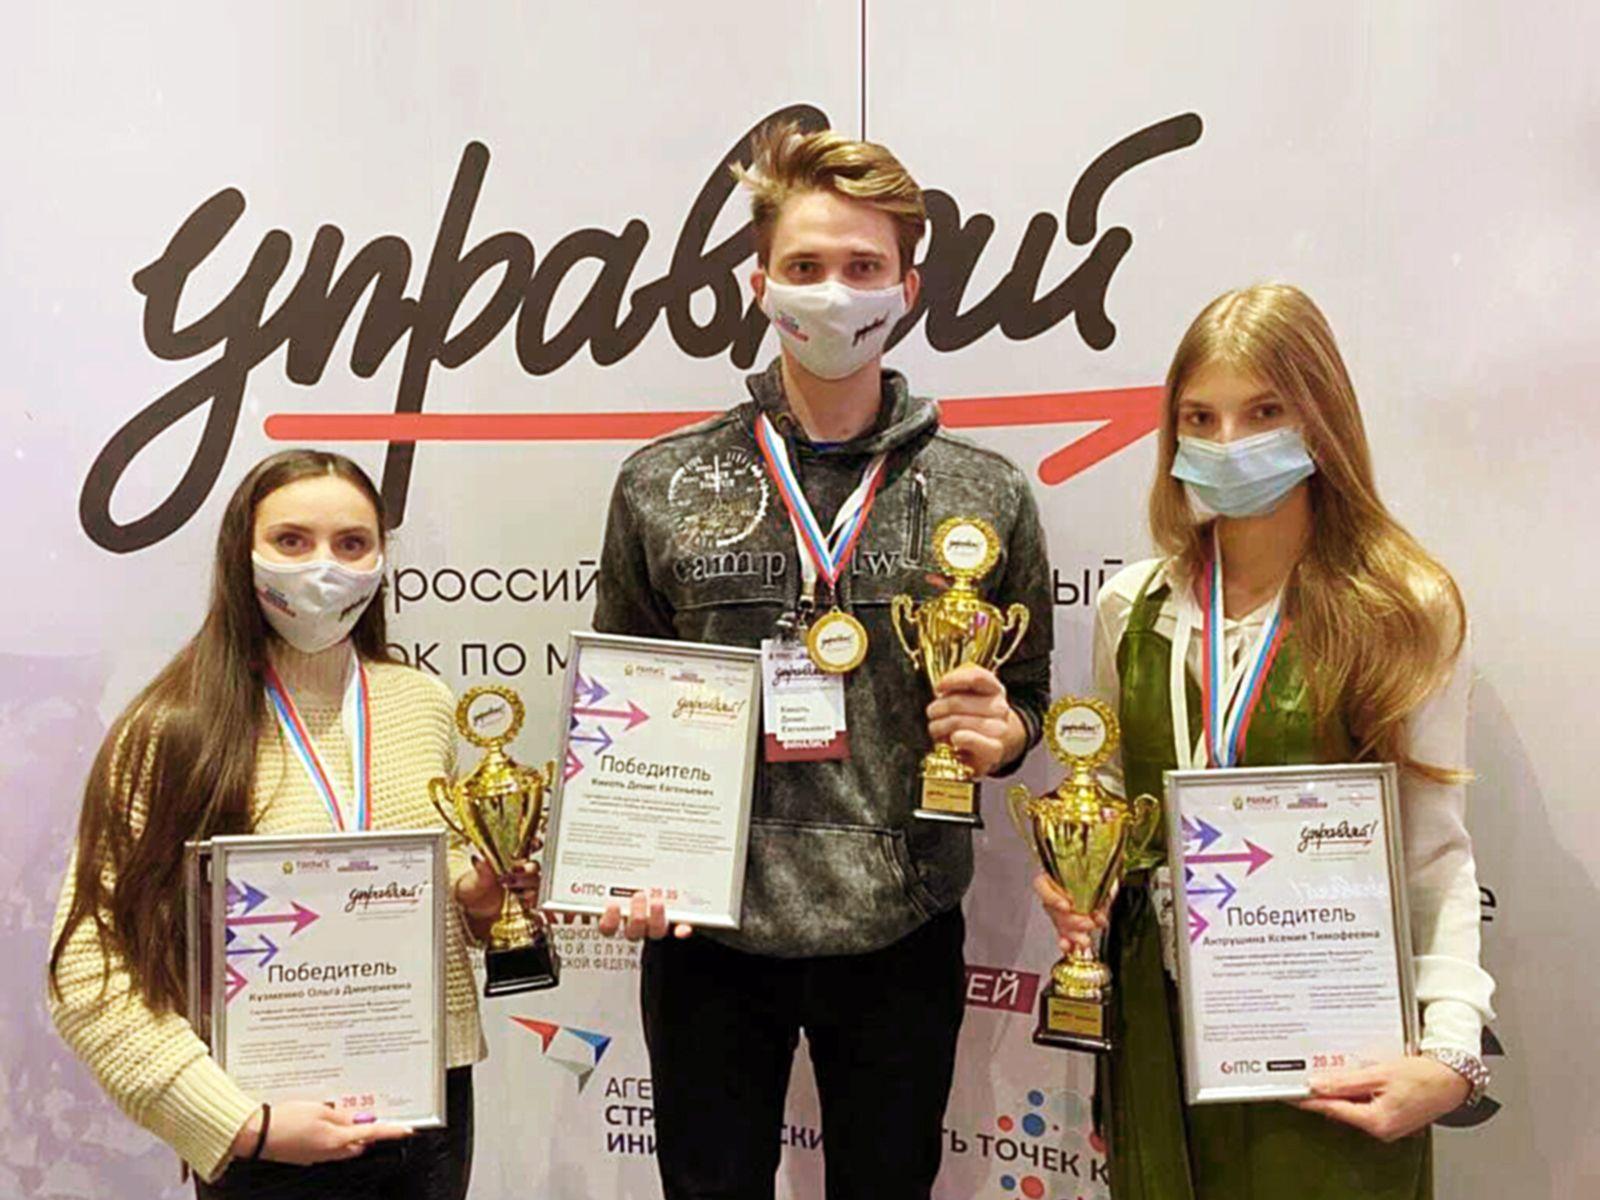 Студентка ВГУЭС Ксения Антрушина — победитель третьего сезона Всероссийского молодёжного кубка по менеджменту «Управляй!»